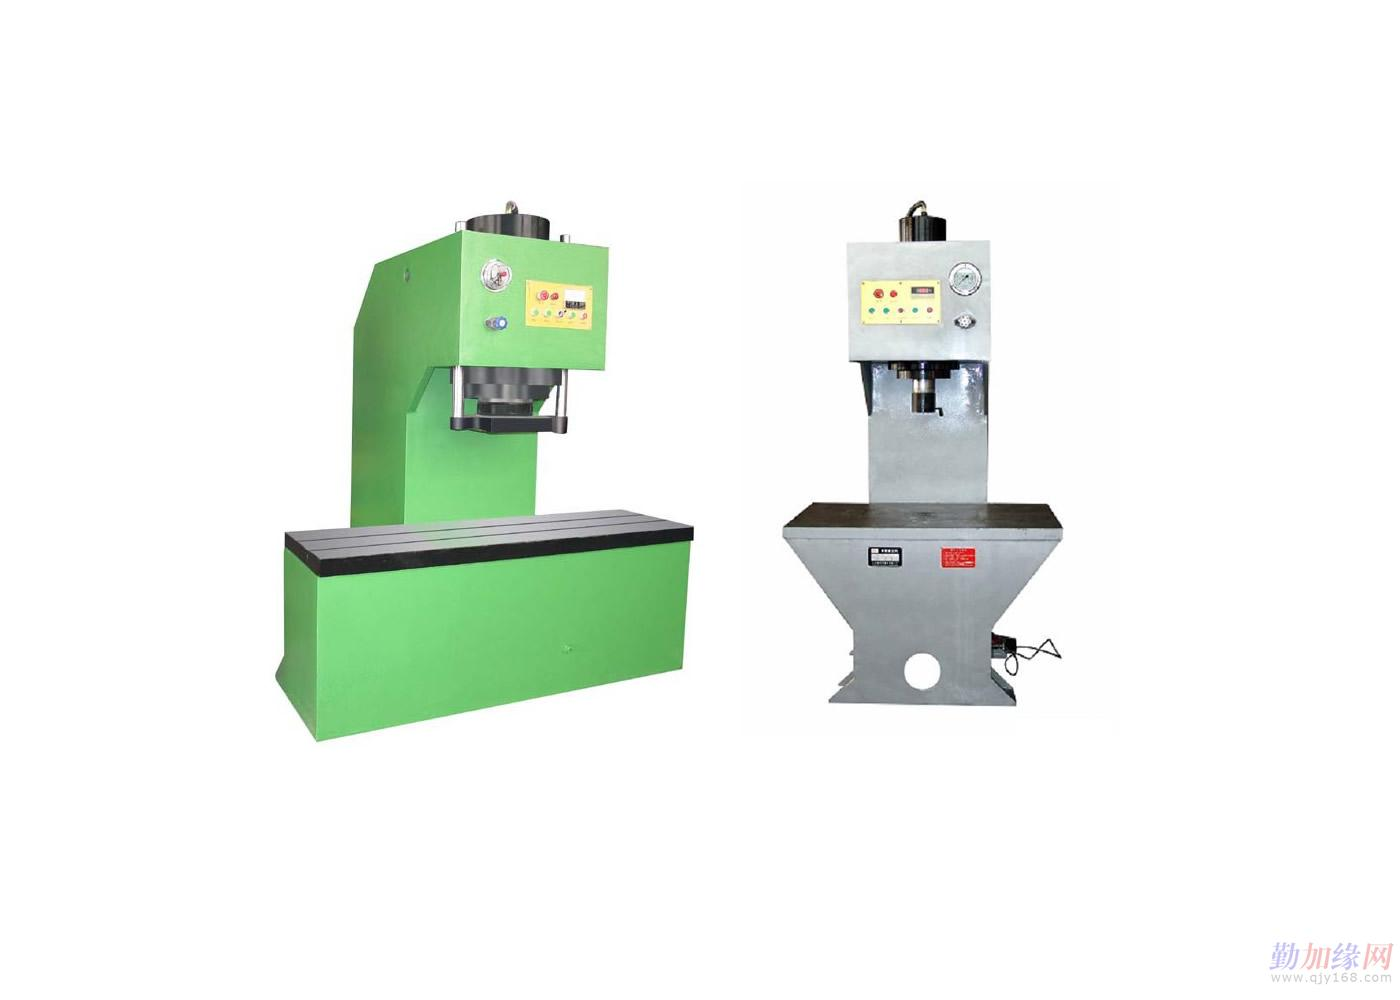 小型油压机_小吨位液压机图片